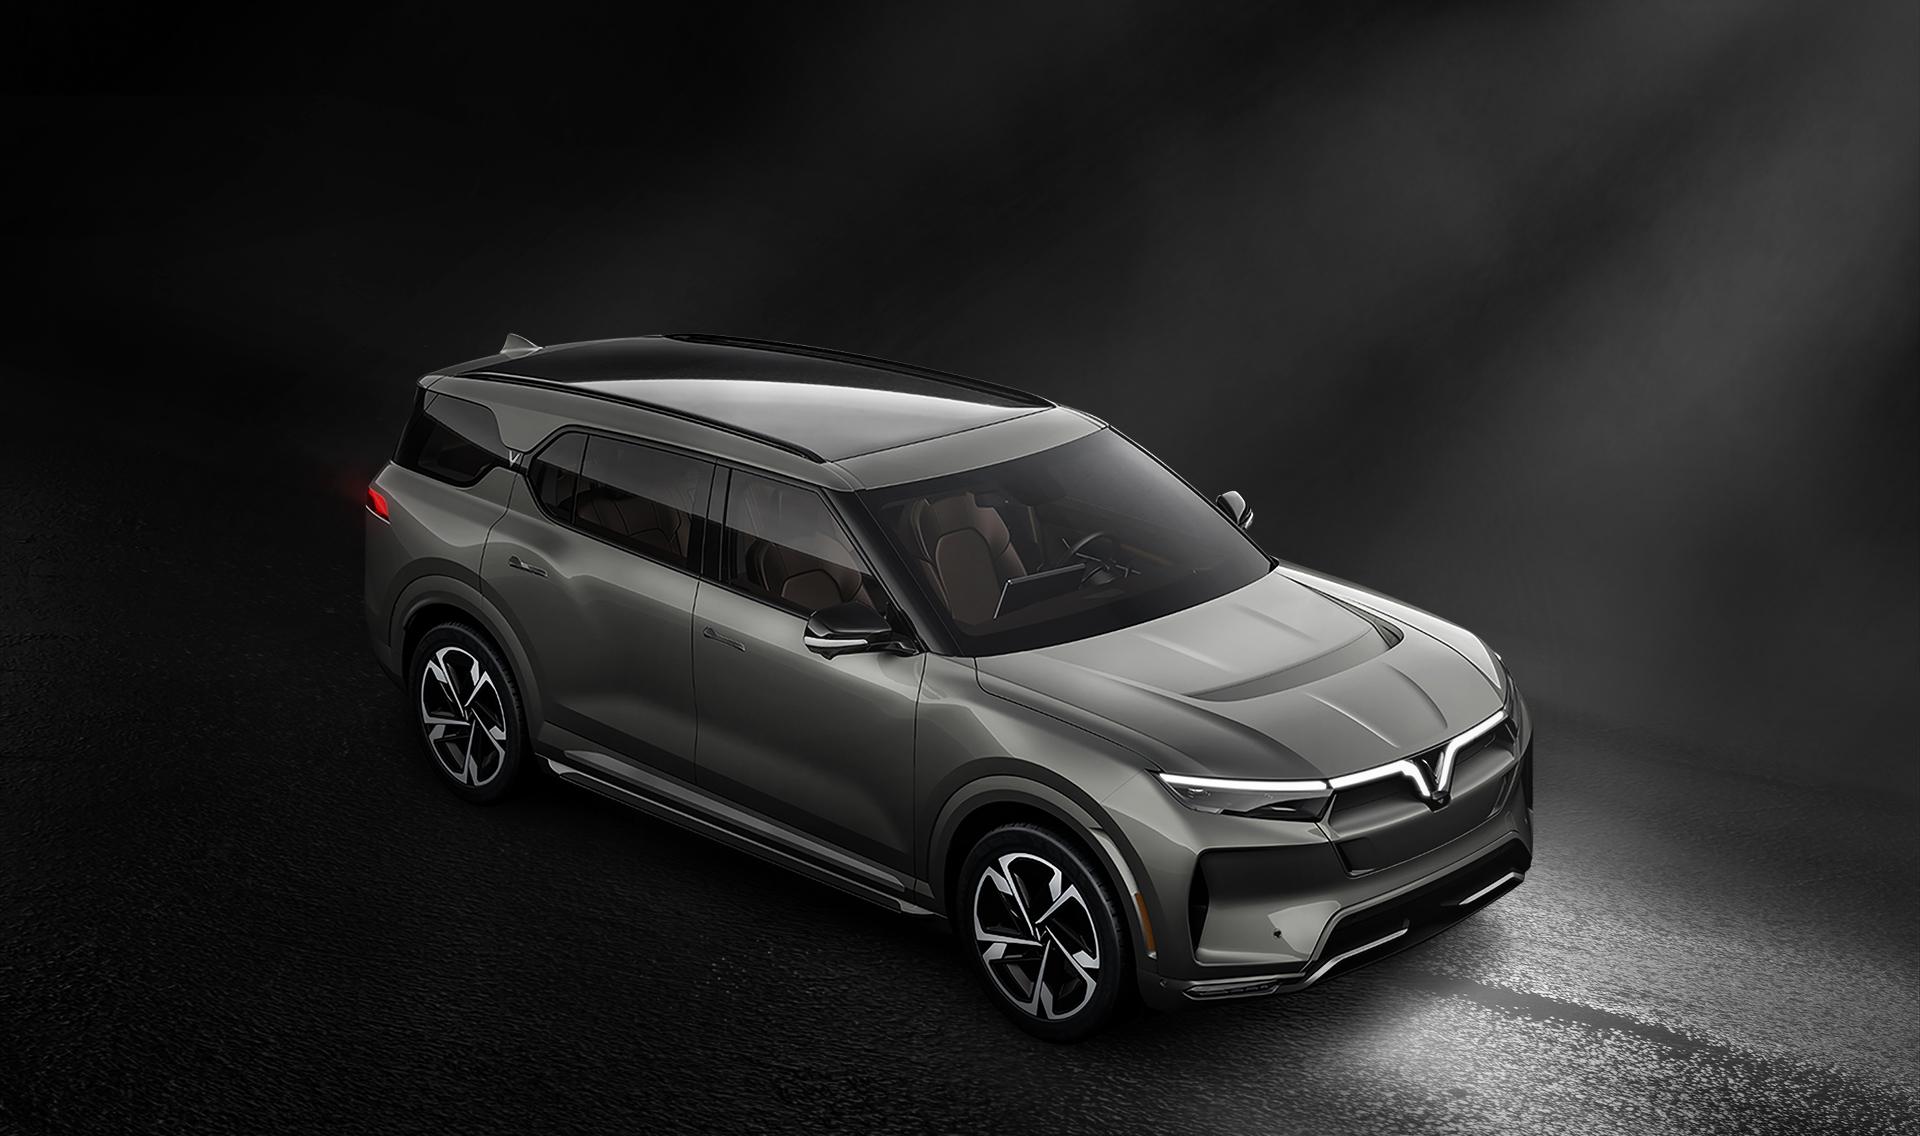 Bản thiết kế của xe điện VinFast VF e36.